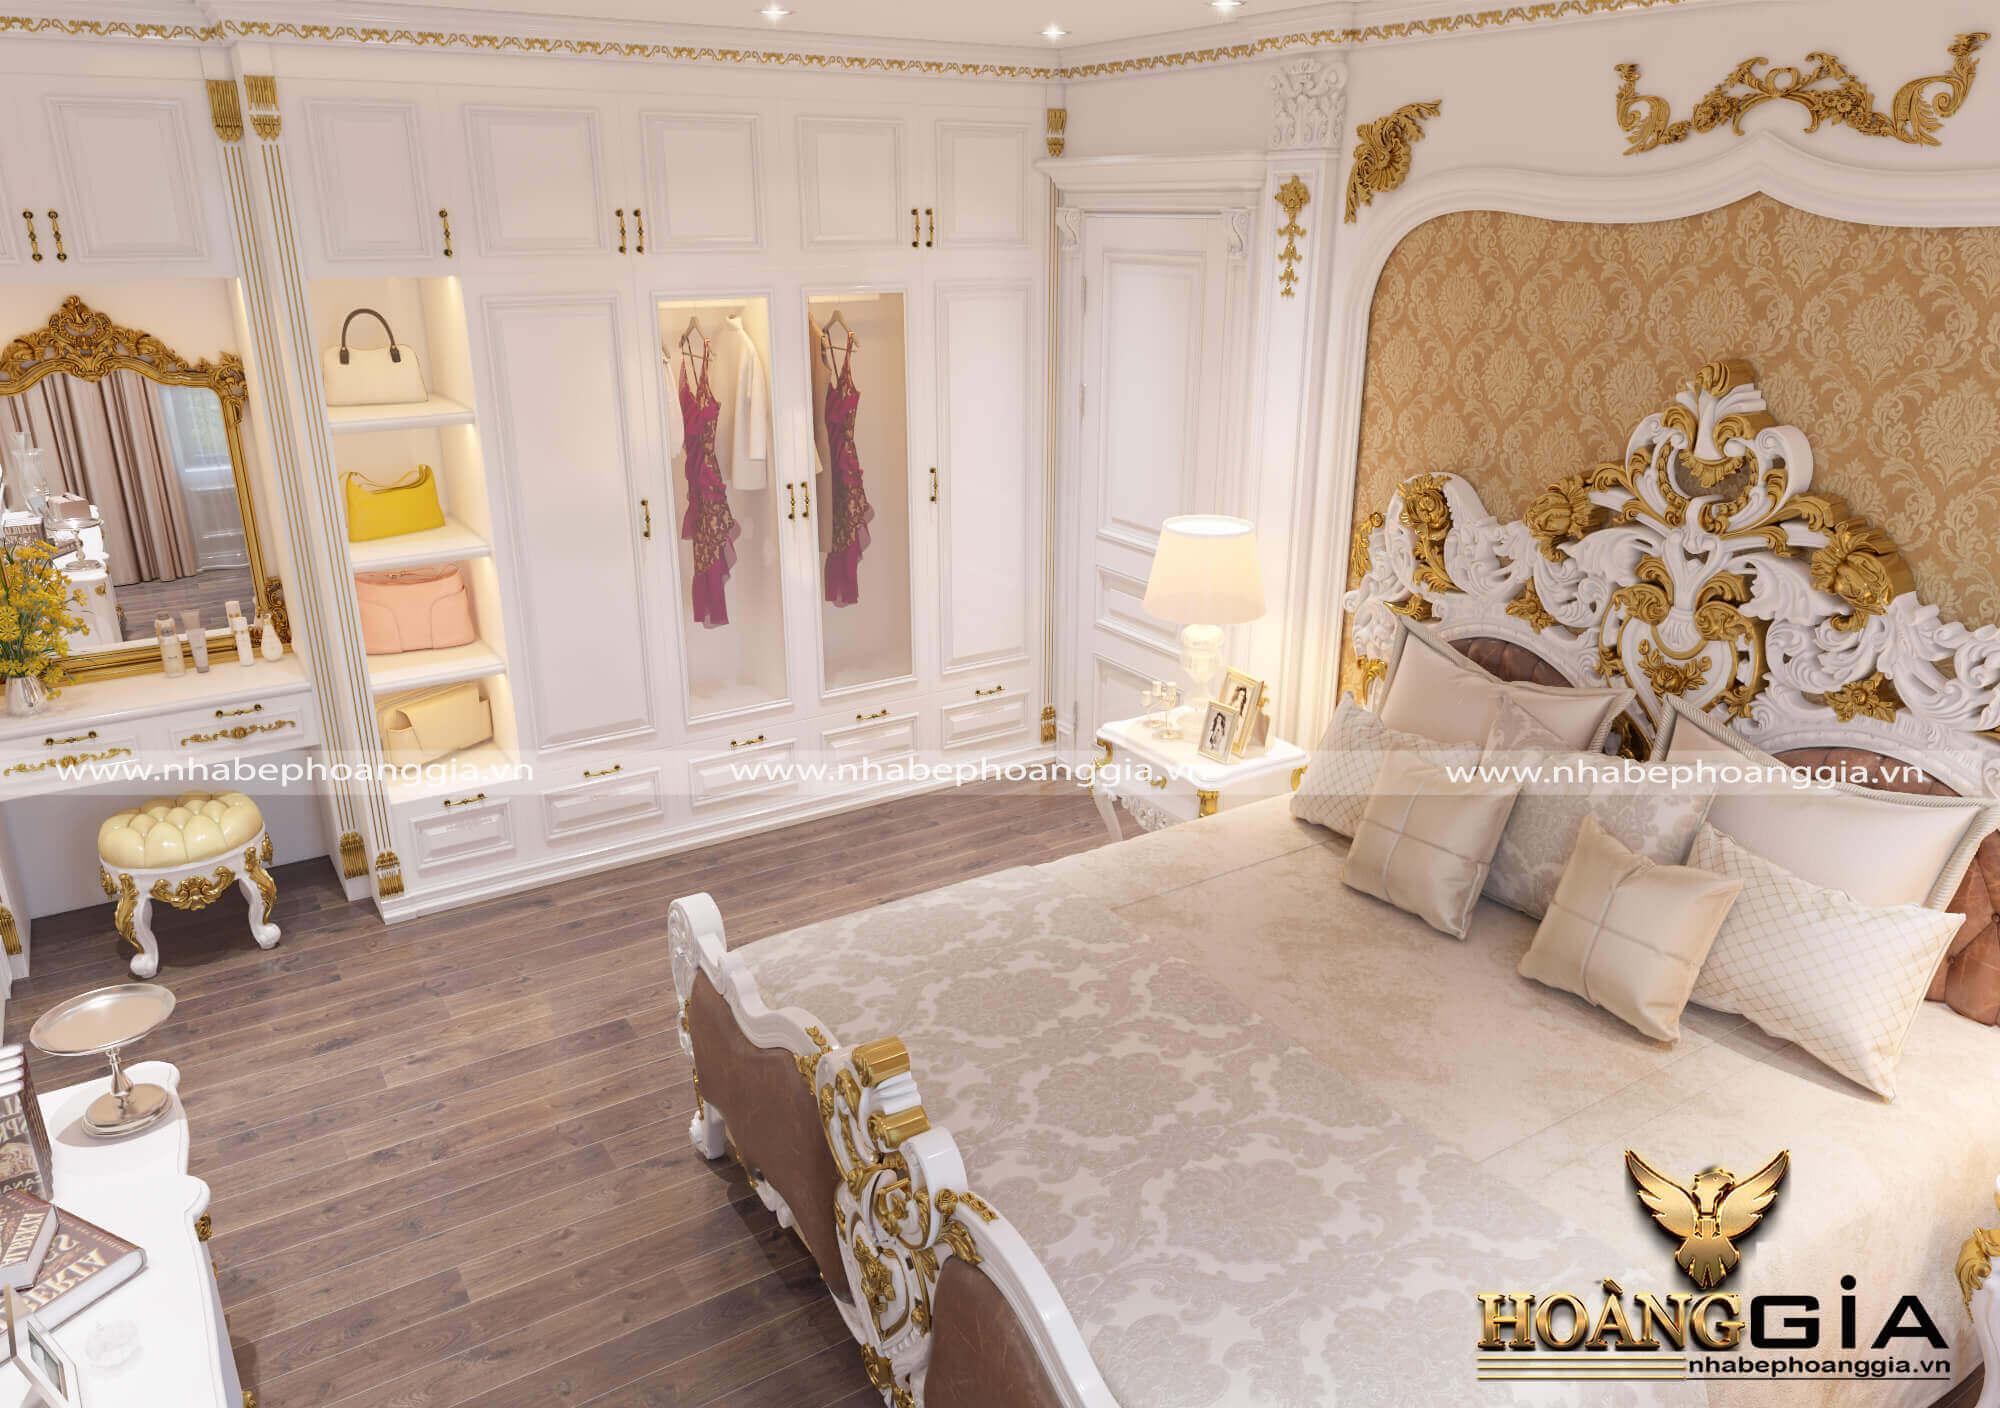 thiết kế nội thất tân cổ điển nhẹ nhàng